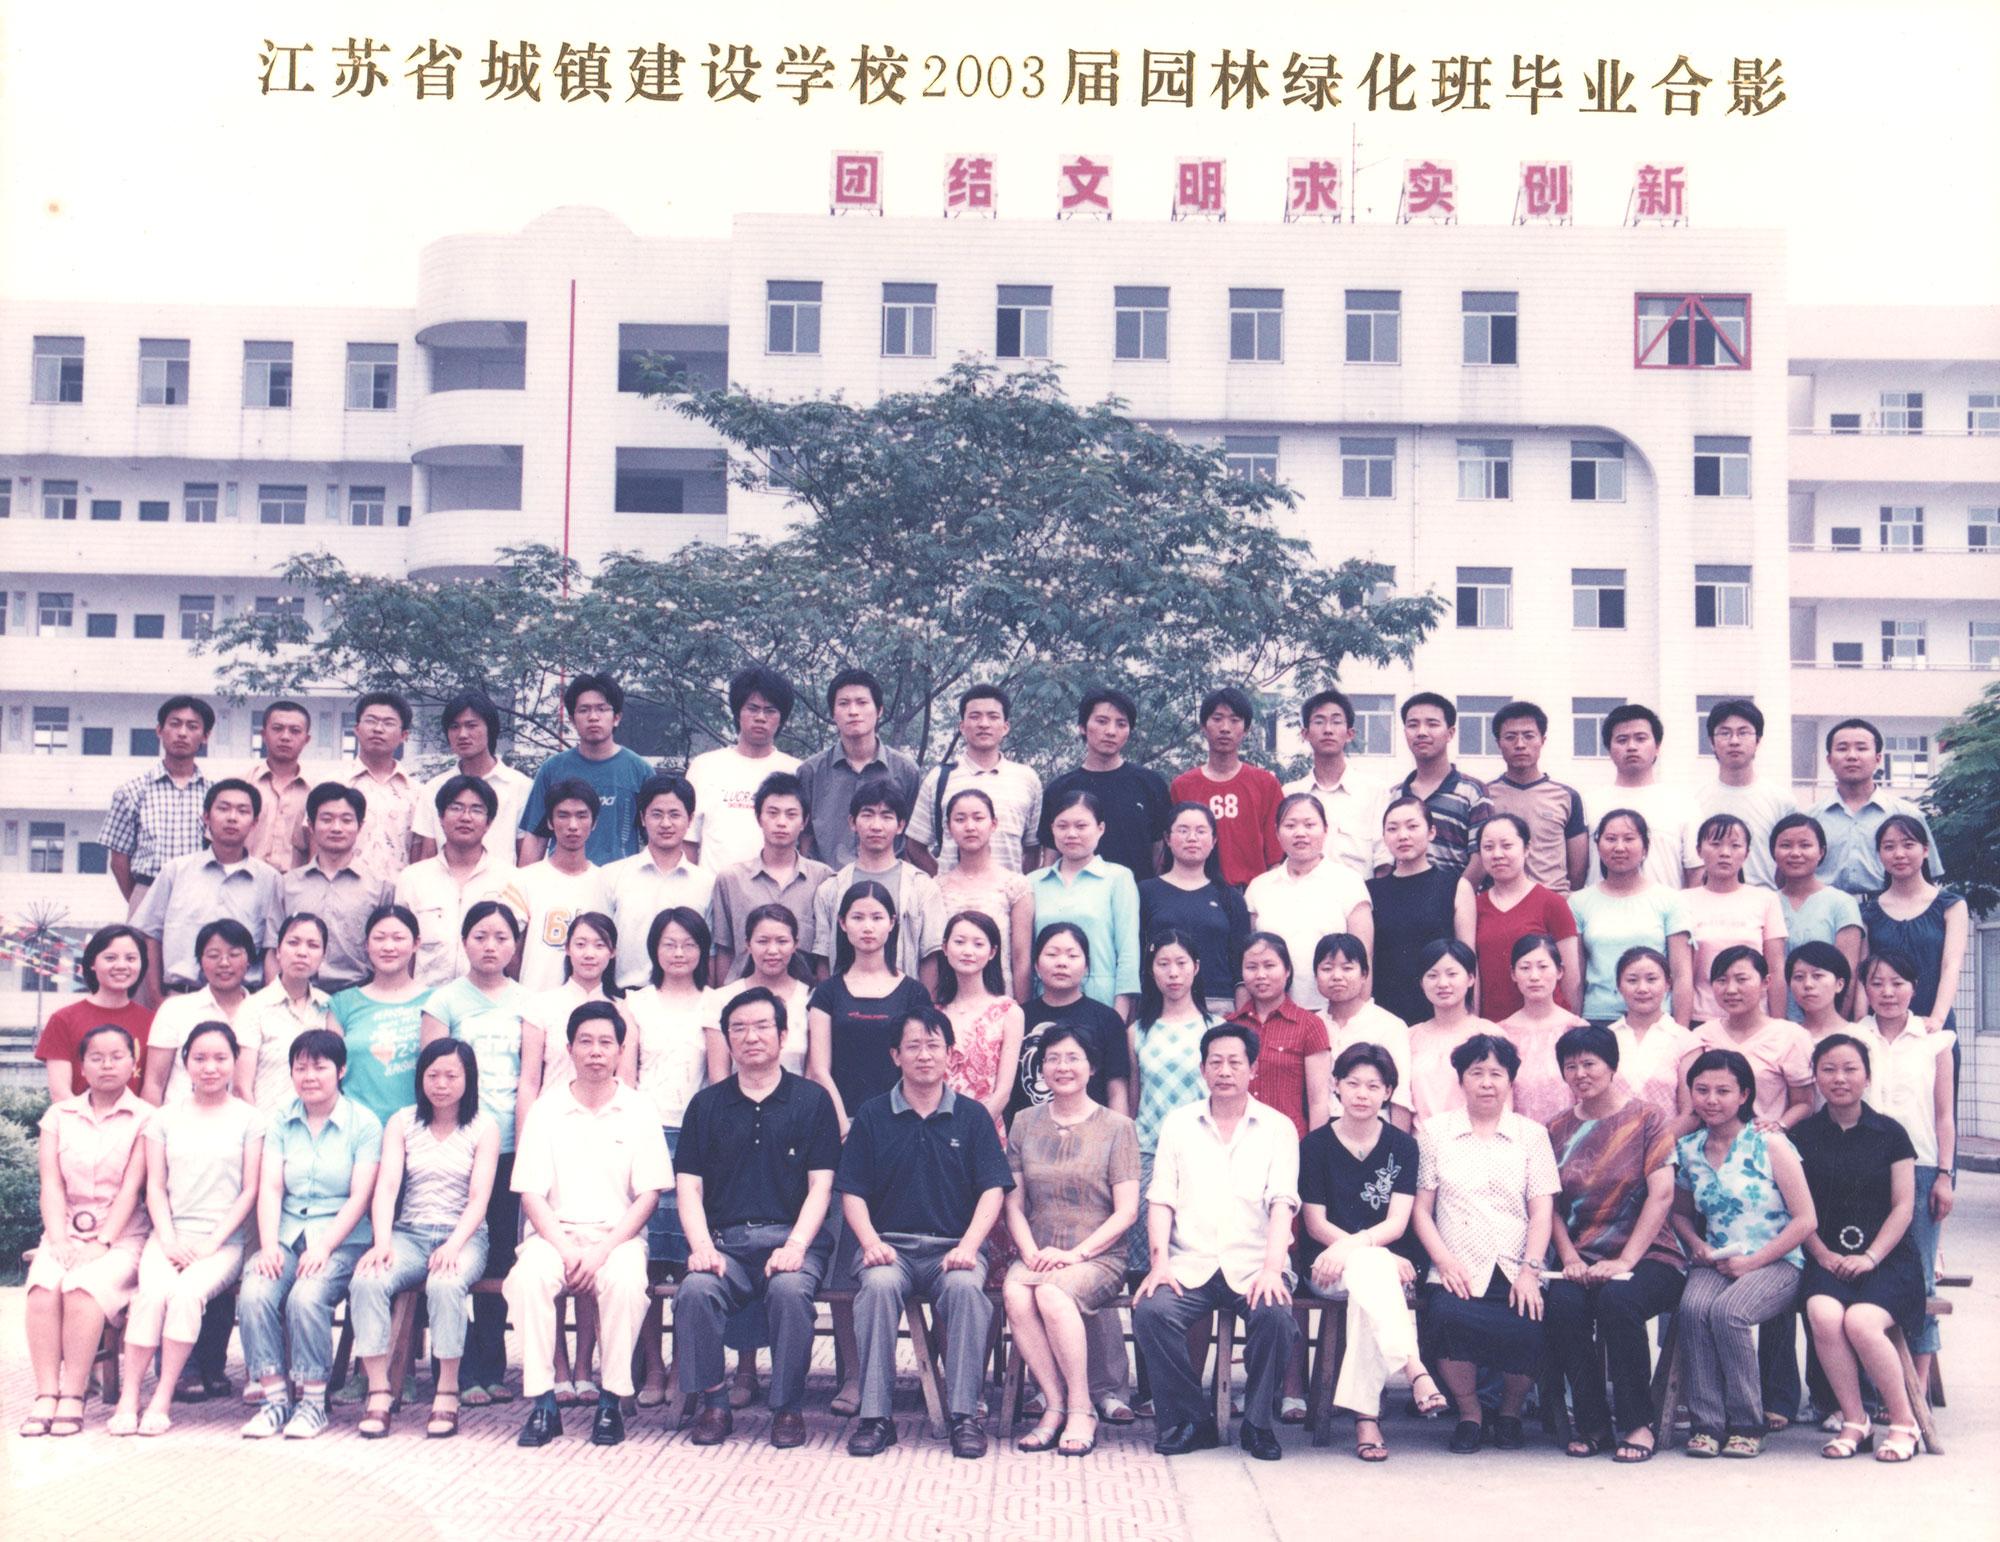 2003届园林绿绿化班毕业合影